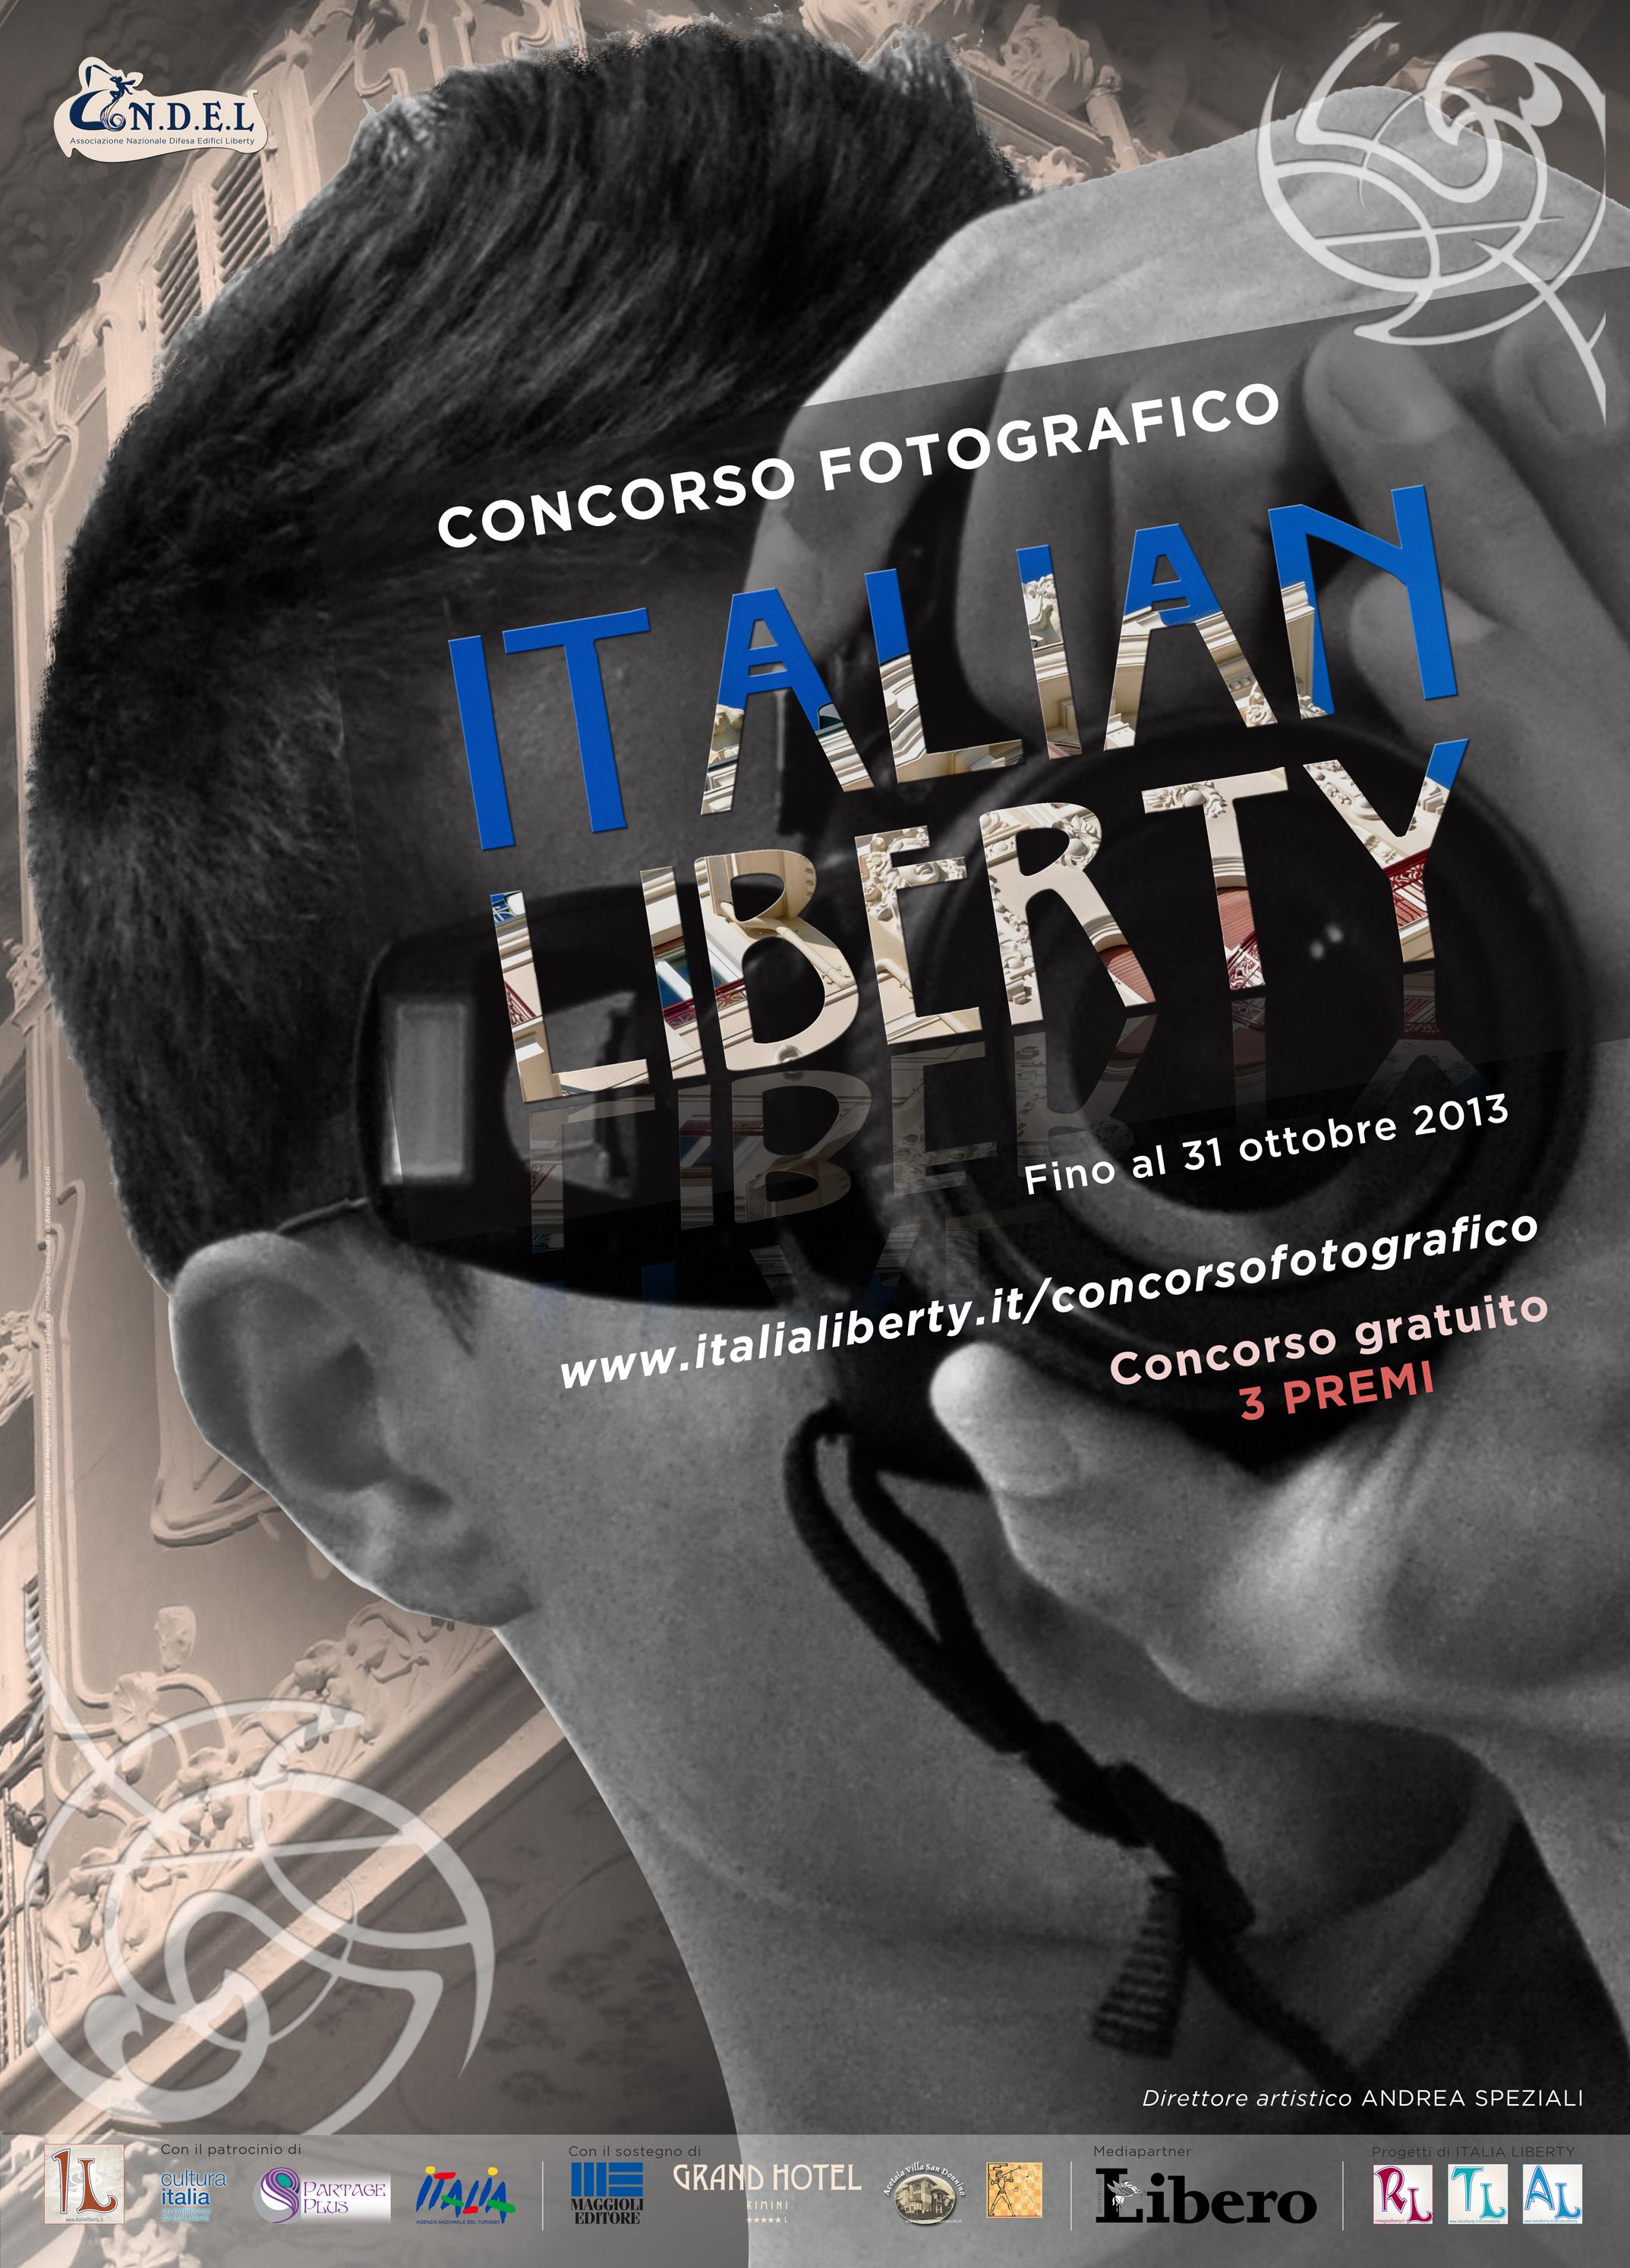 Al via il concorso fotografico ITALIAN LIBERTY